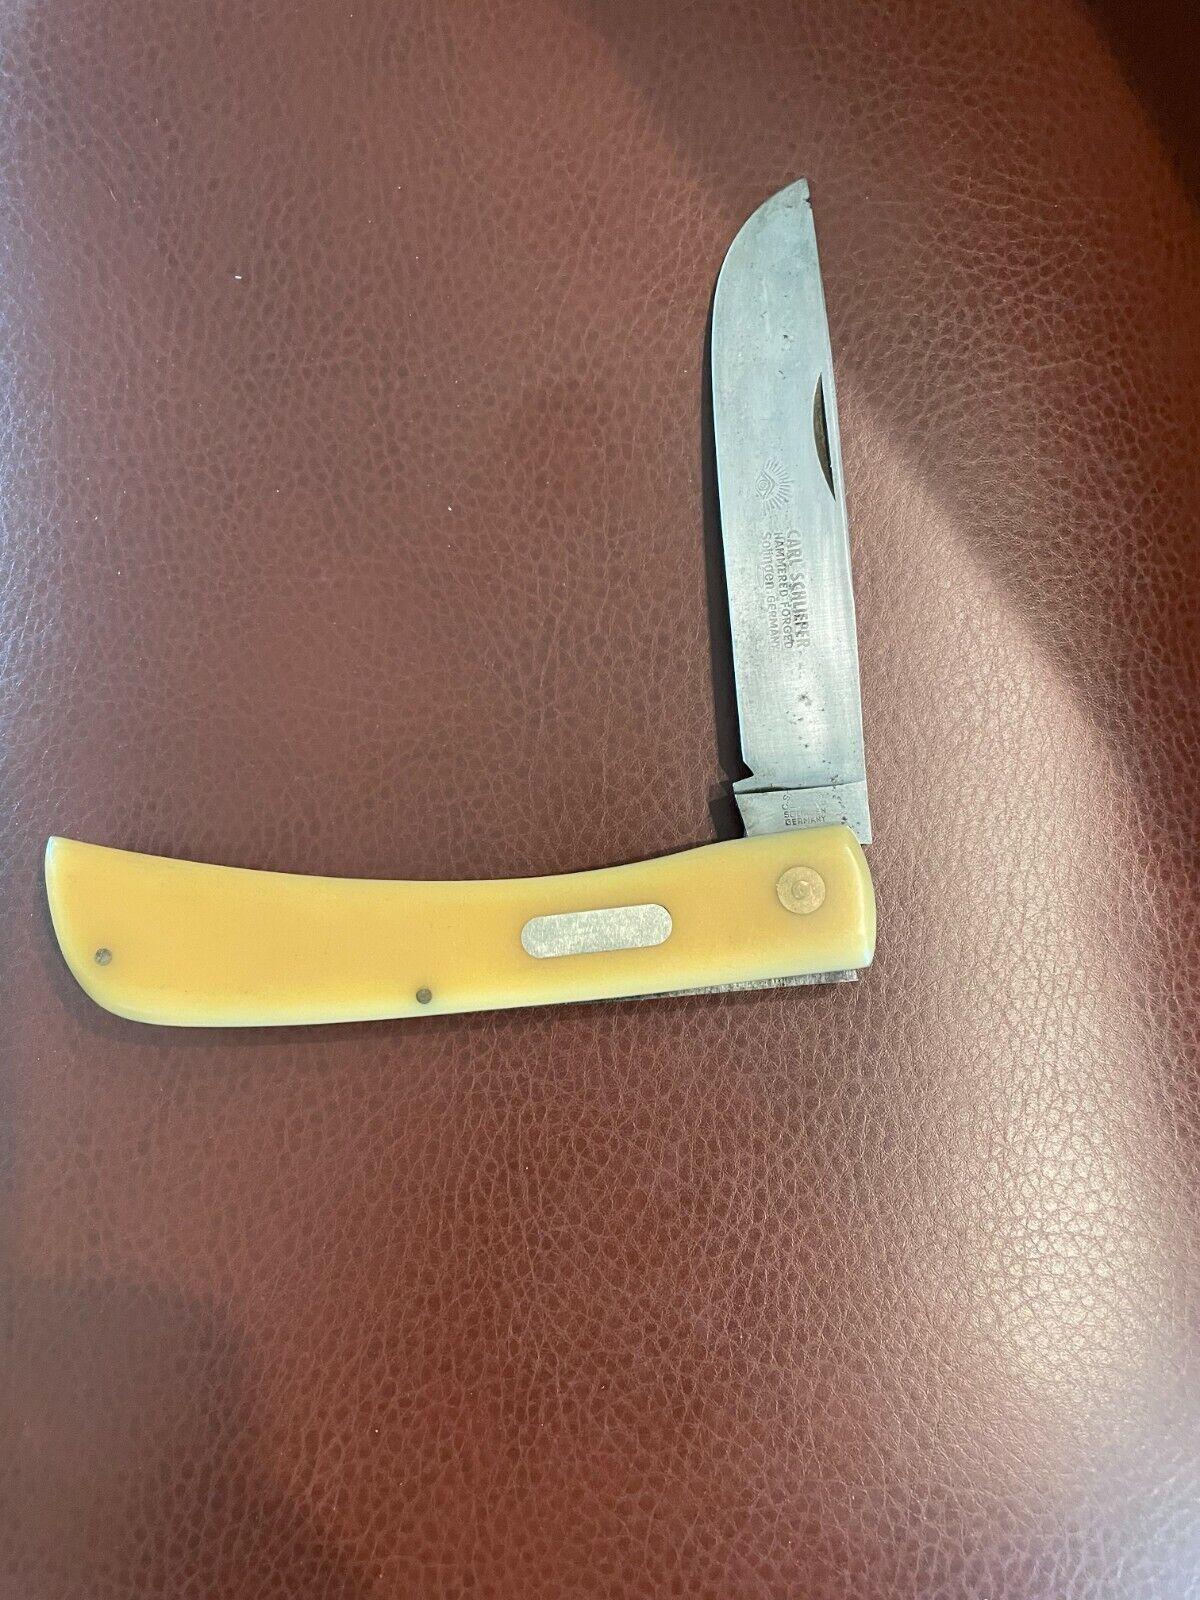 VINTAGE LARGE Eye Brand Knife Carl Schlieper Solingen GERMANY (RARE)